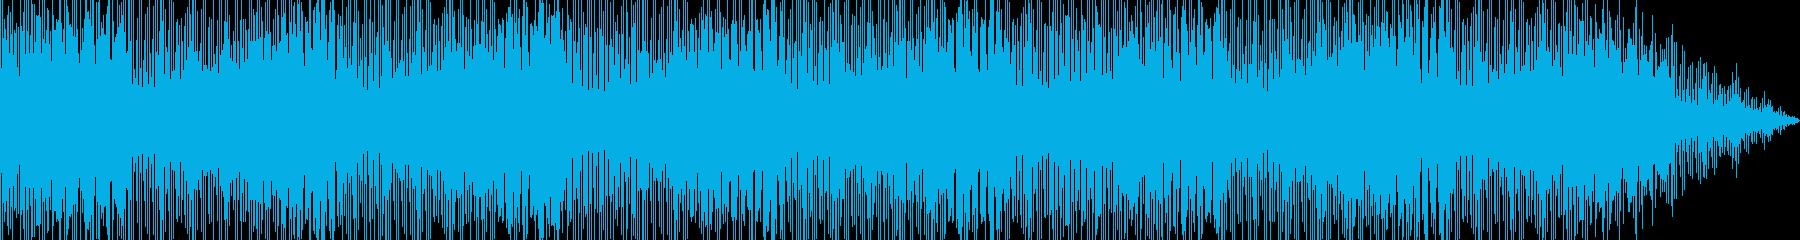 楽しい時間を過ごしているイメージのEDMの再生済みの波形